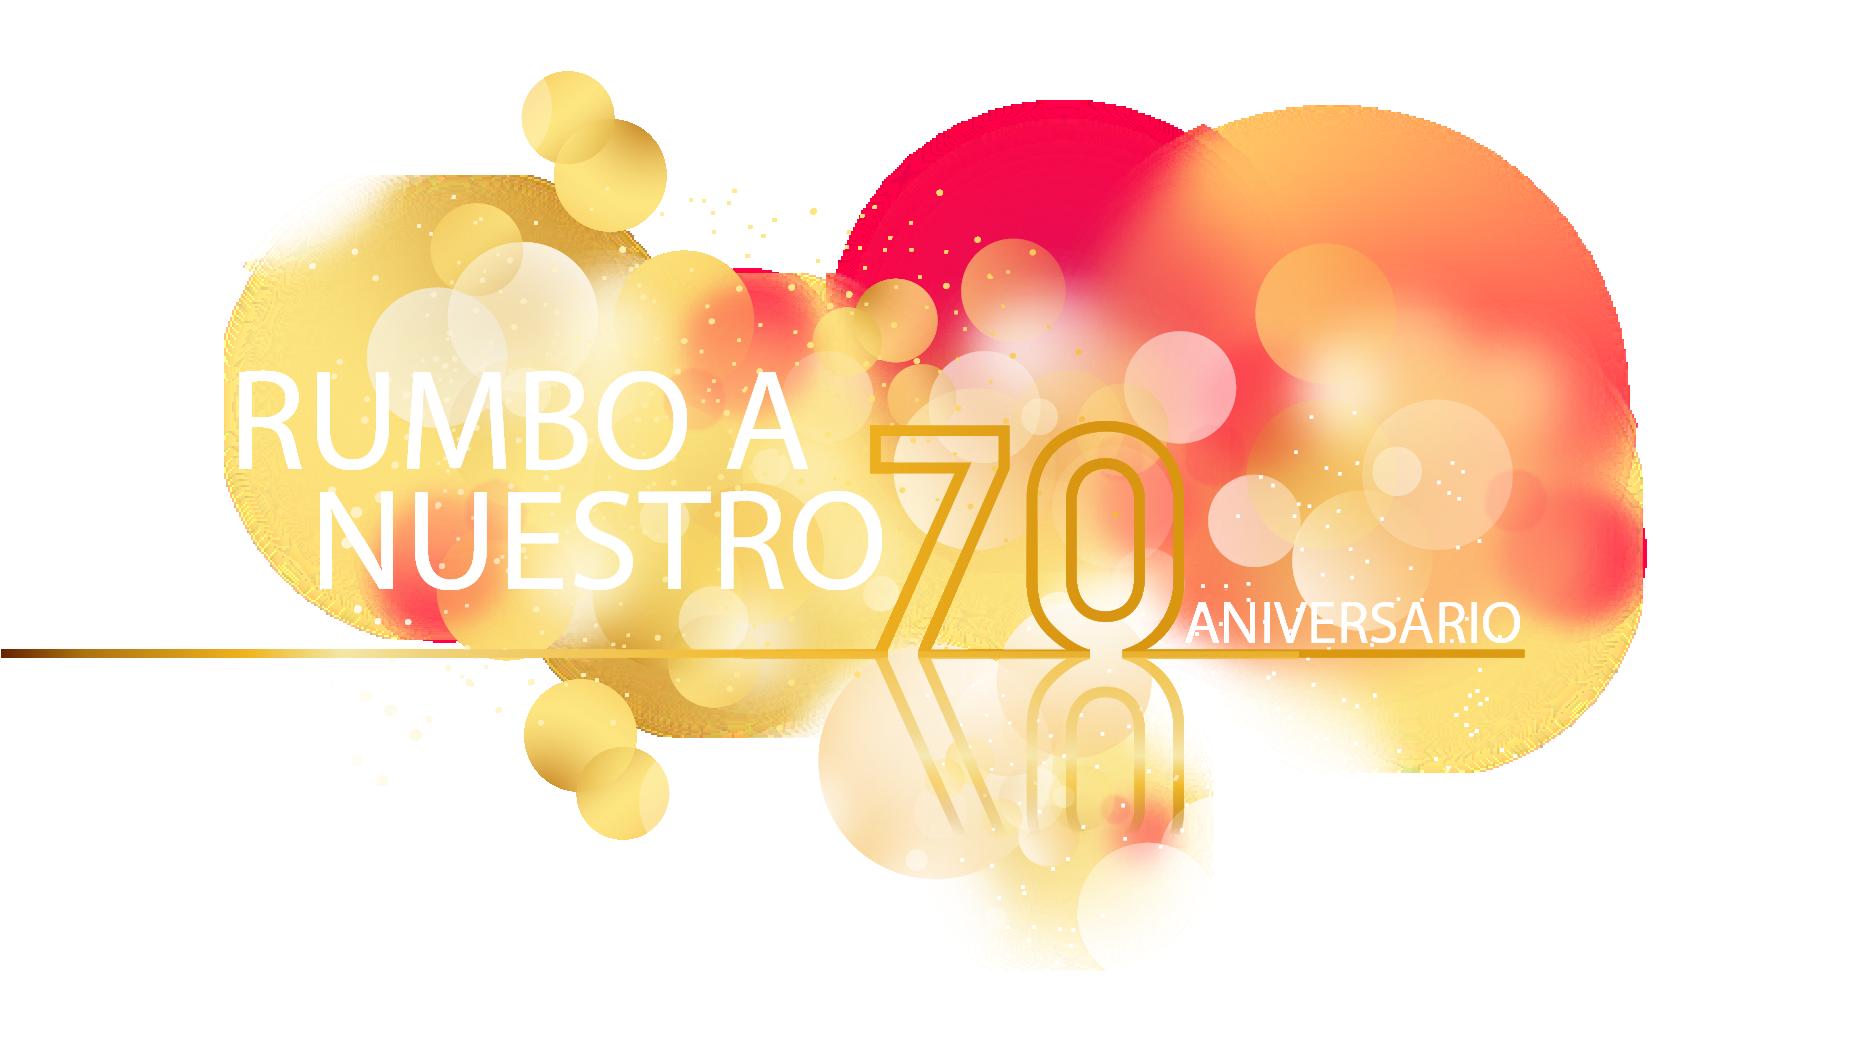 «Celebrando nuestro 70° aniversario»